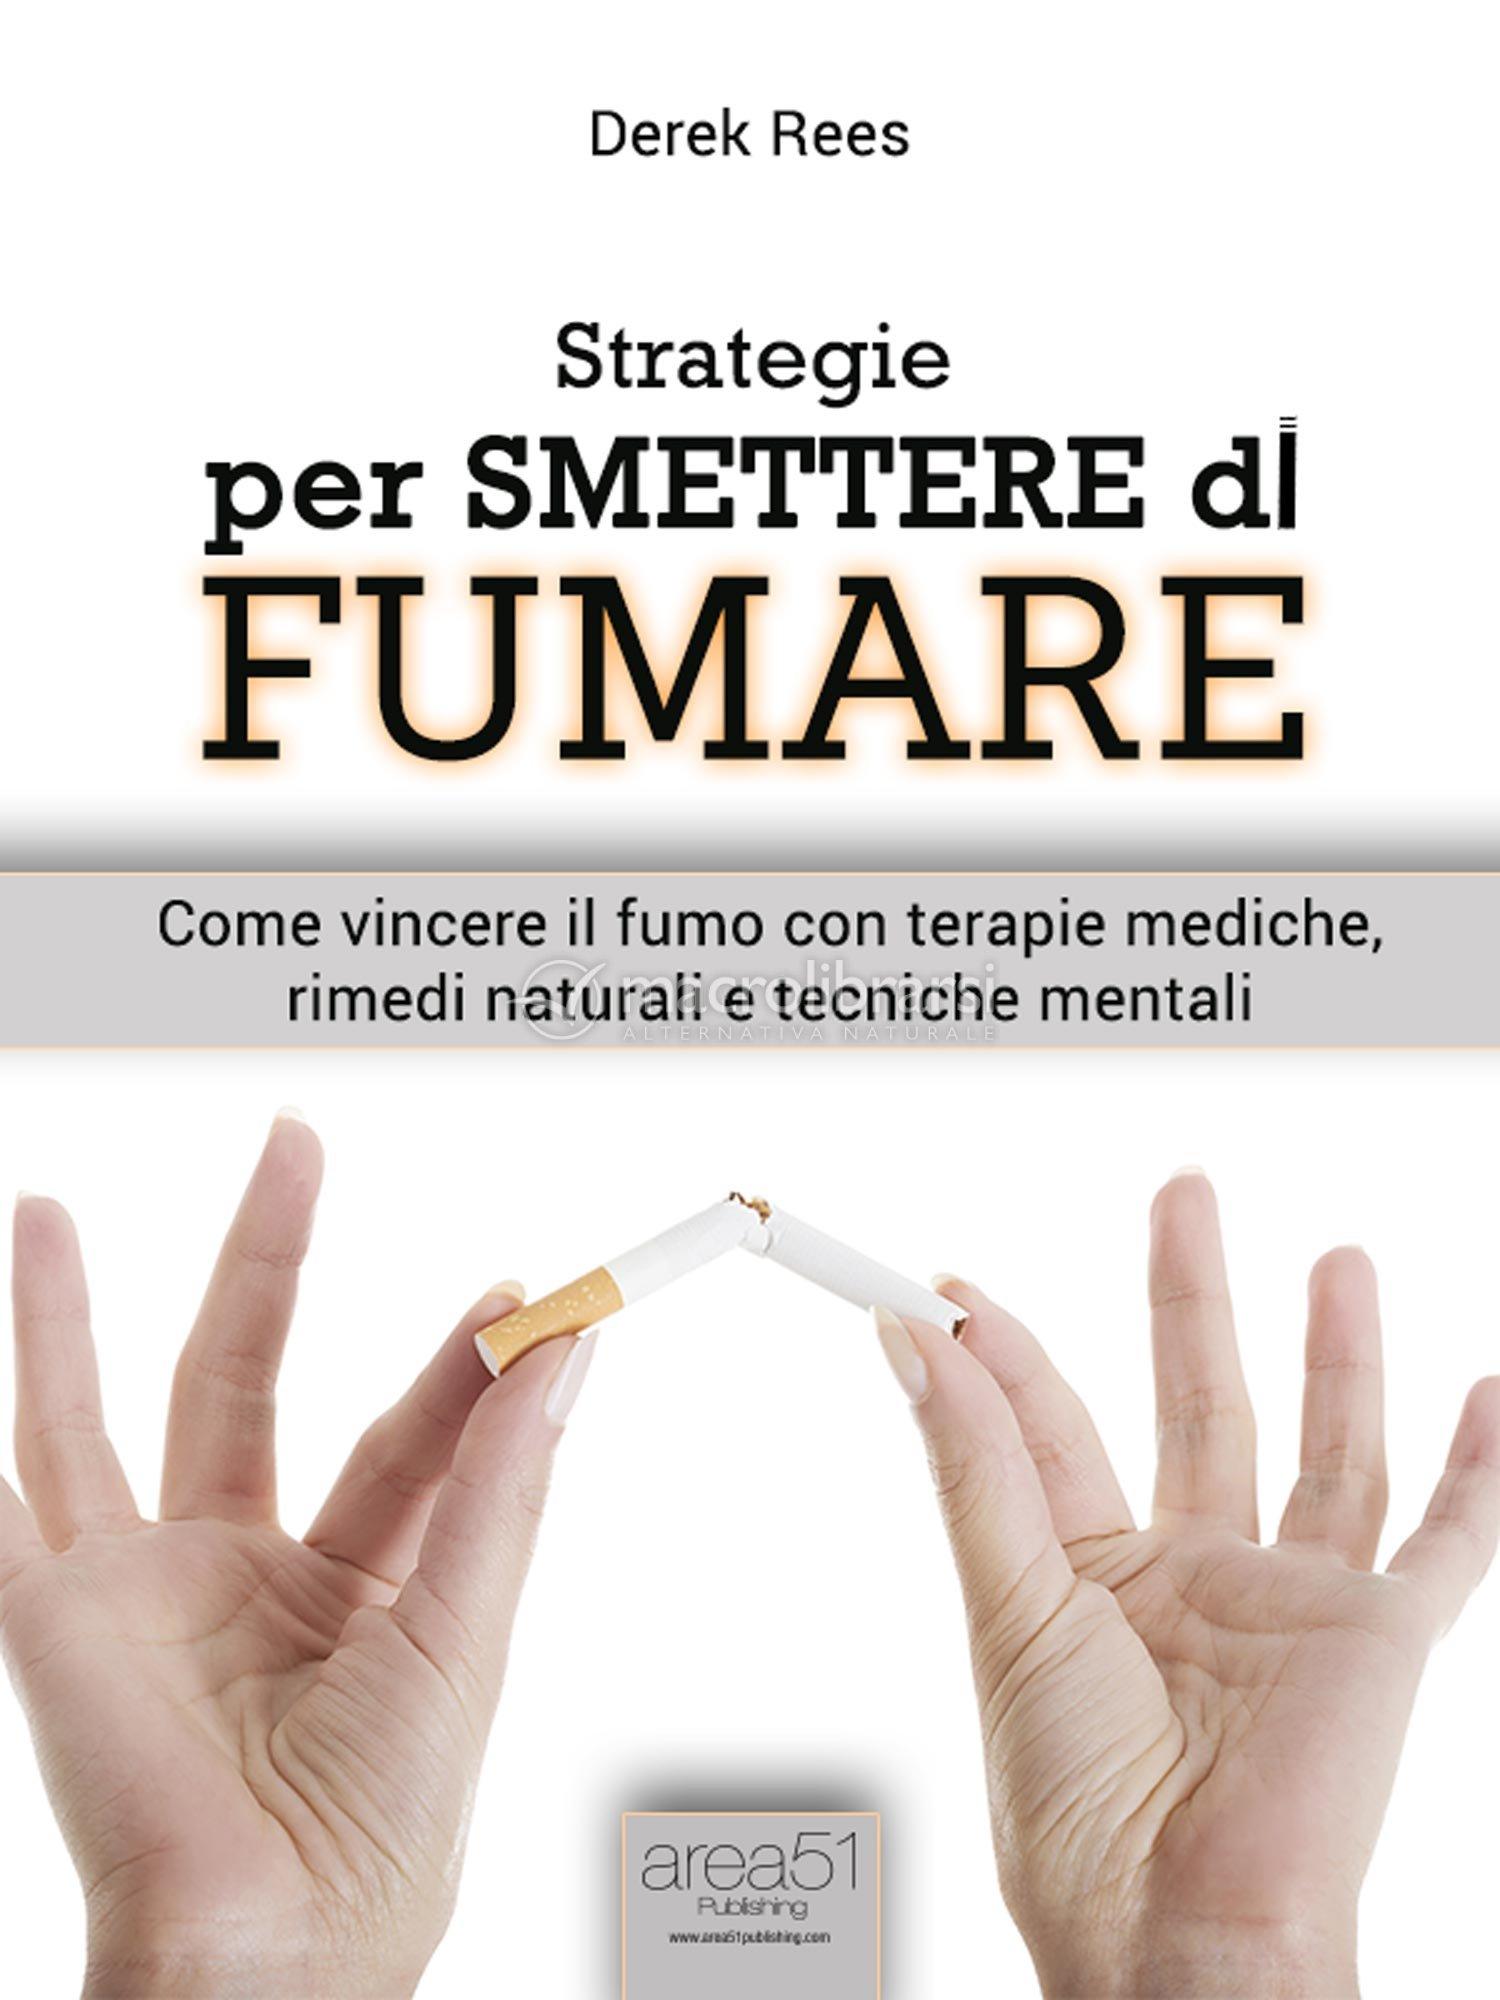 Il trattamento di fumare in Smolensk